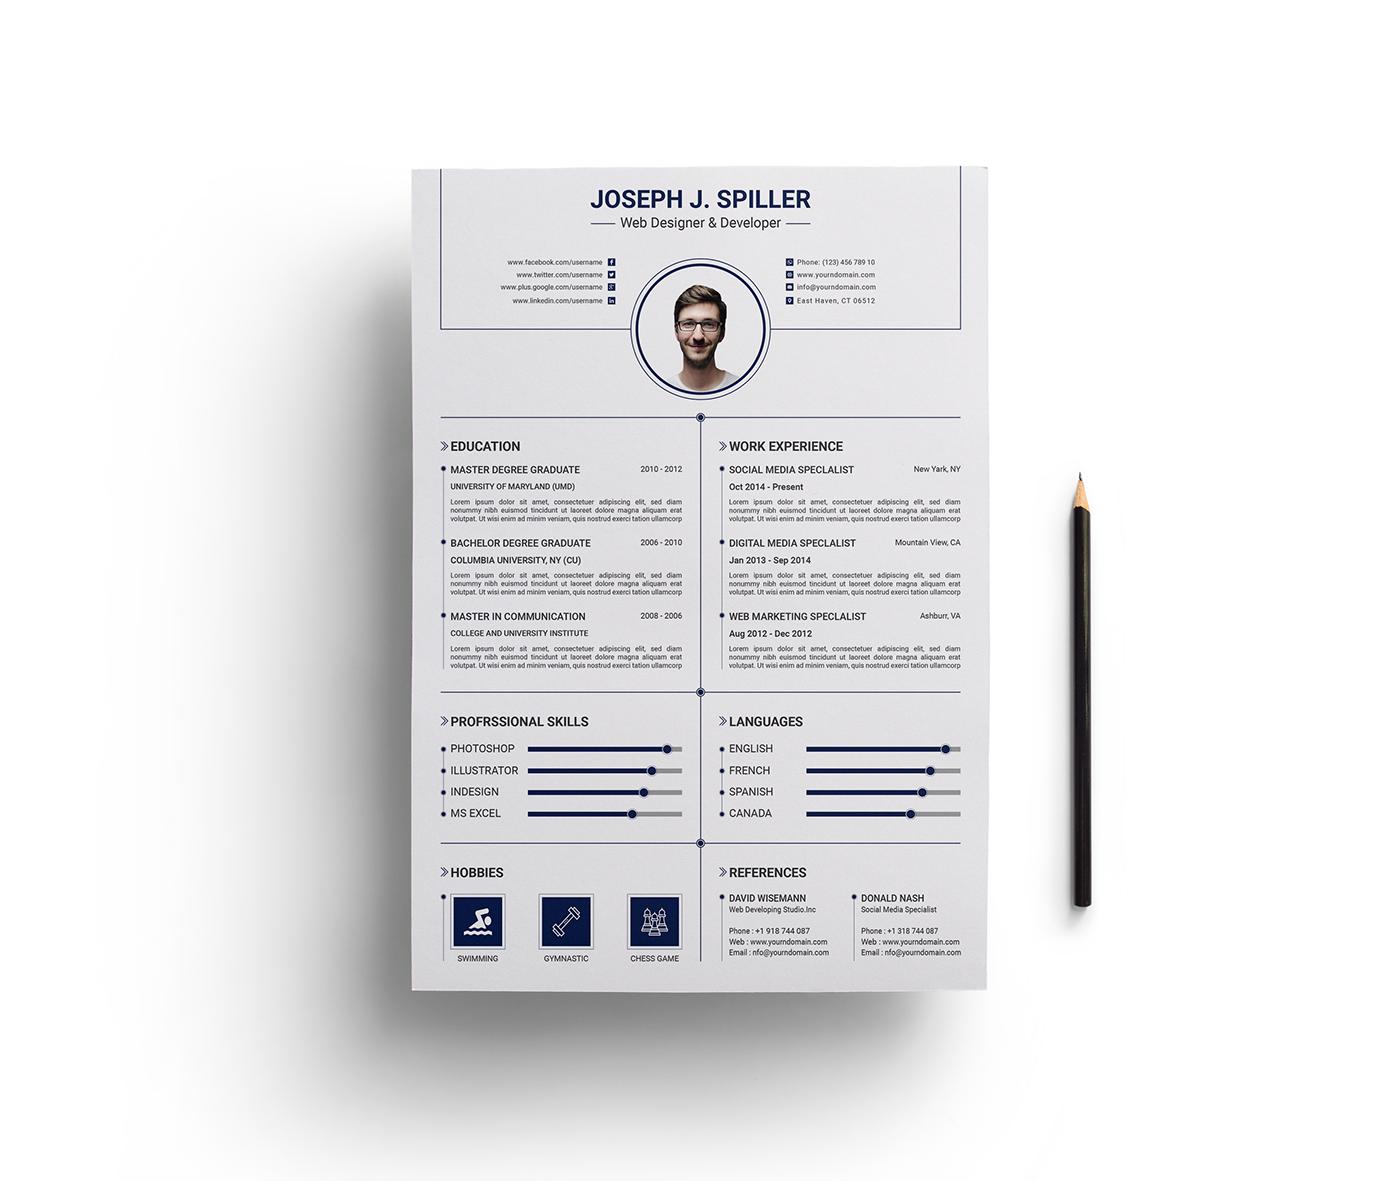 Resume Cv Template On Behance